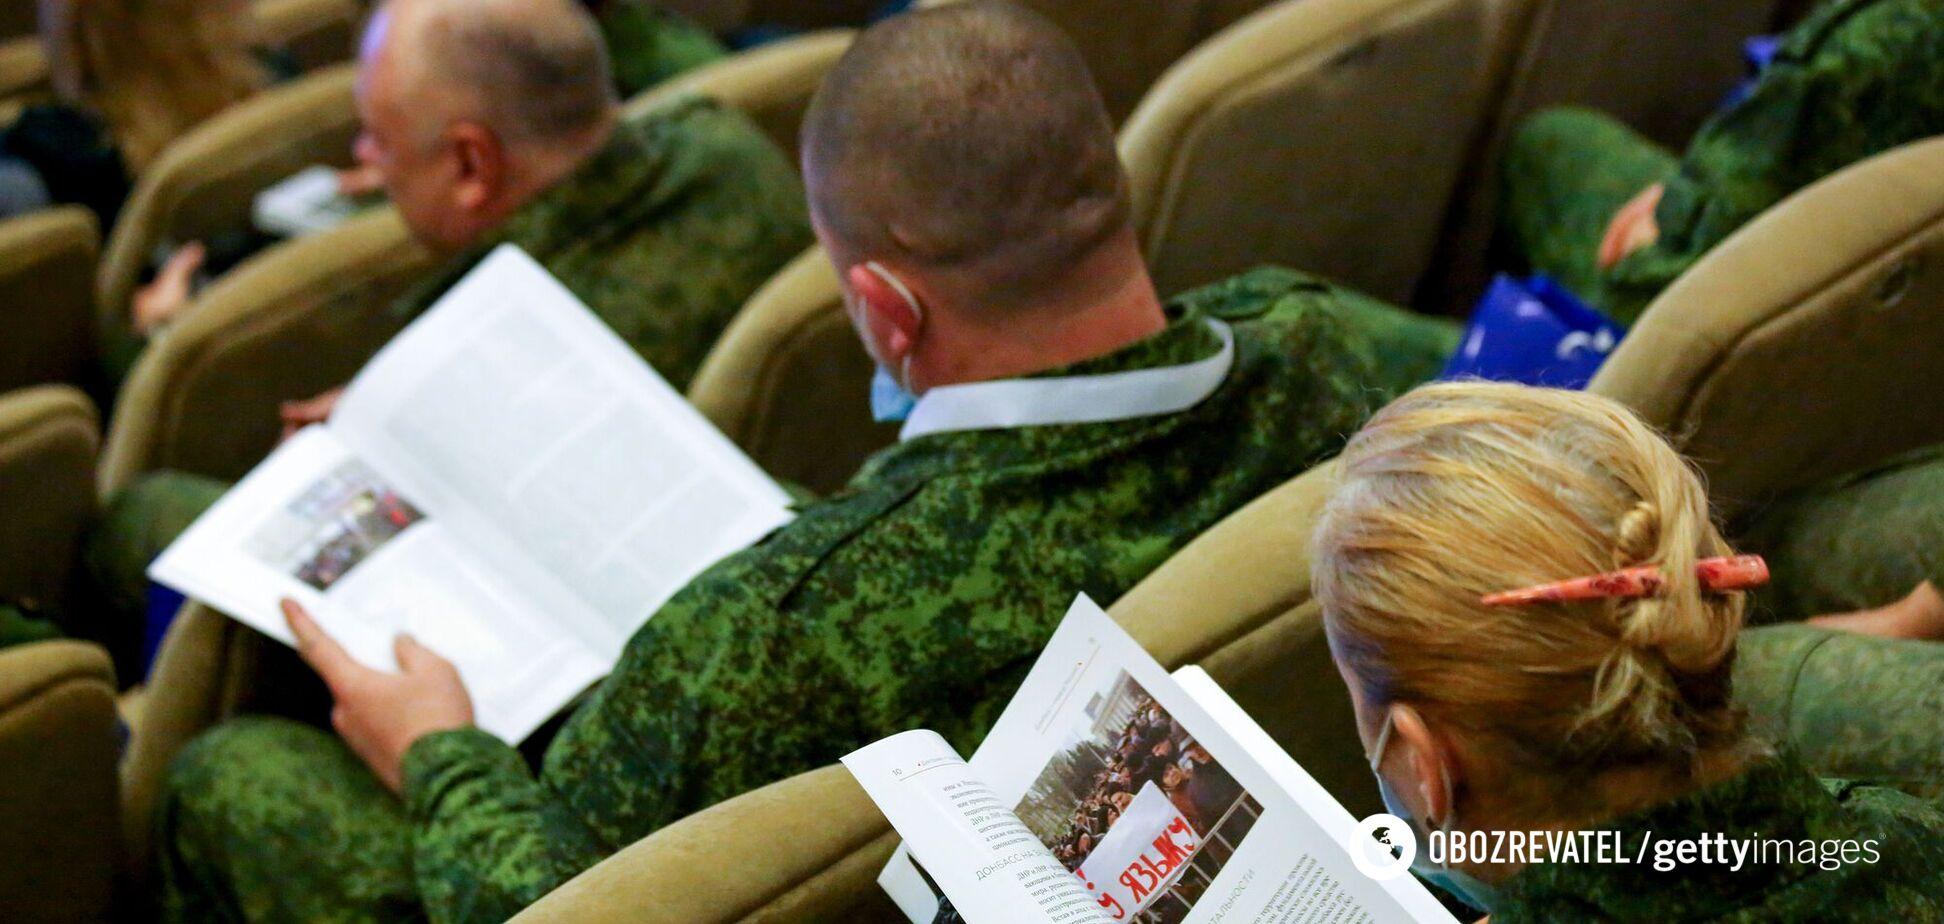 Учасники інтеграційного форуму 'Російський Донбас' розглядають копії доктрини російського Донбасу в Центрі слов'янської культури